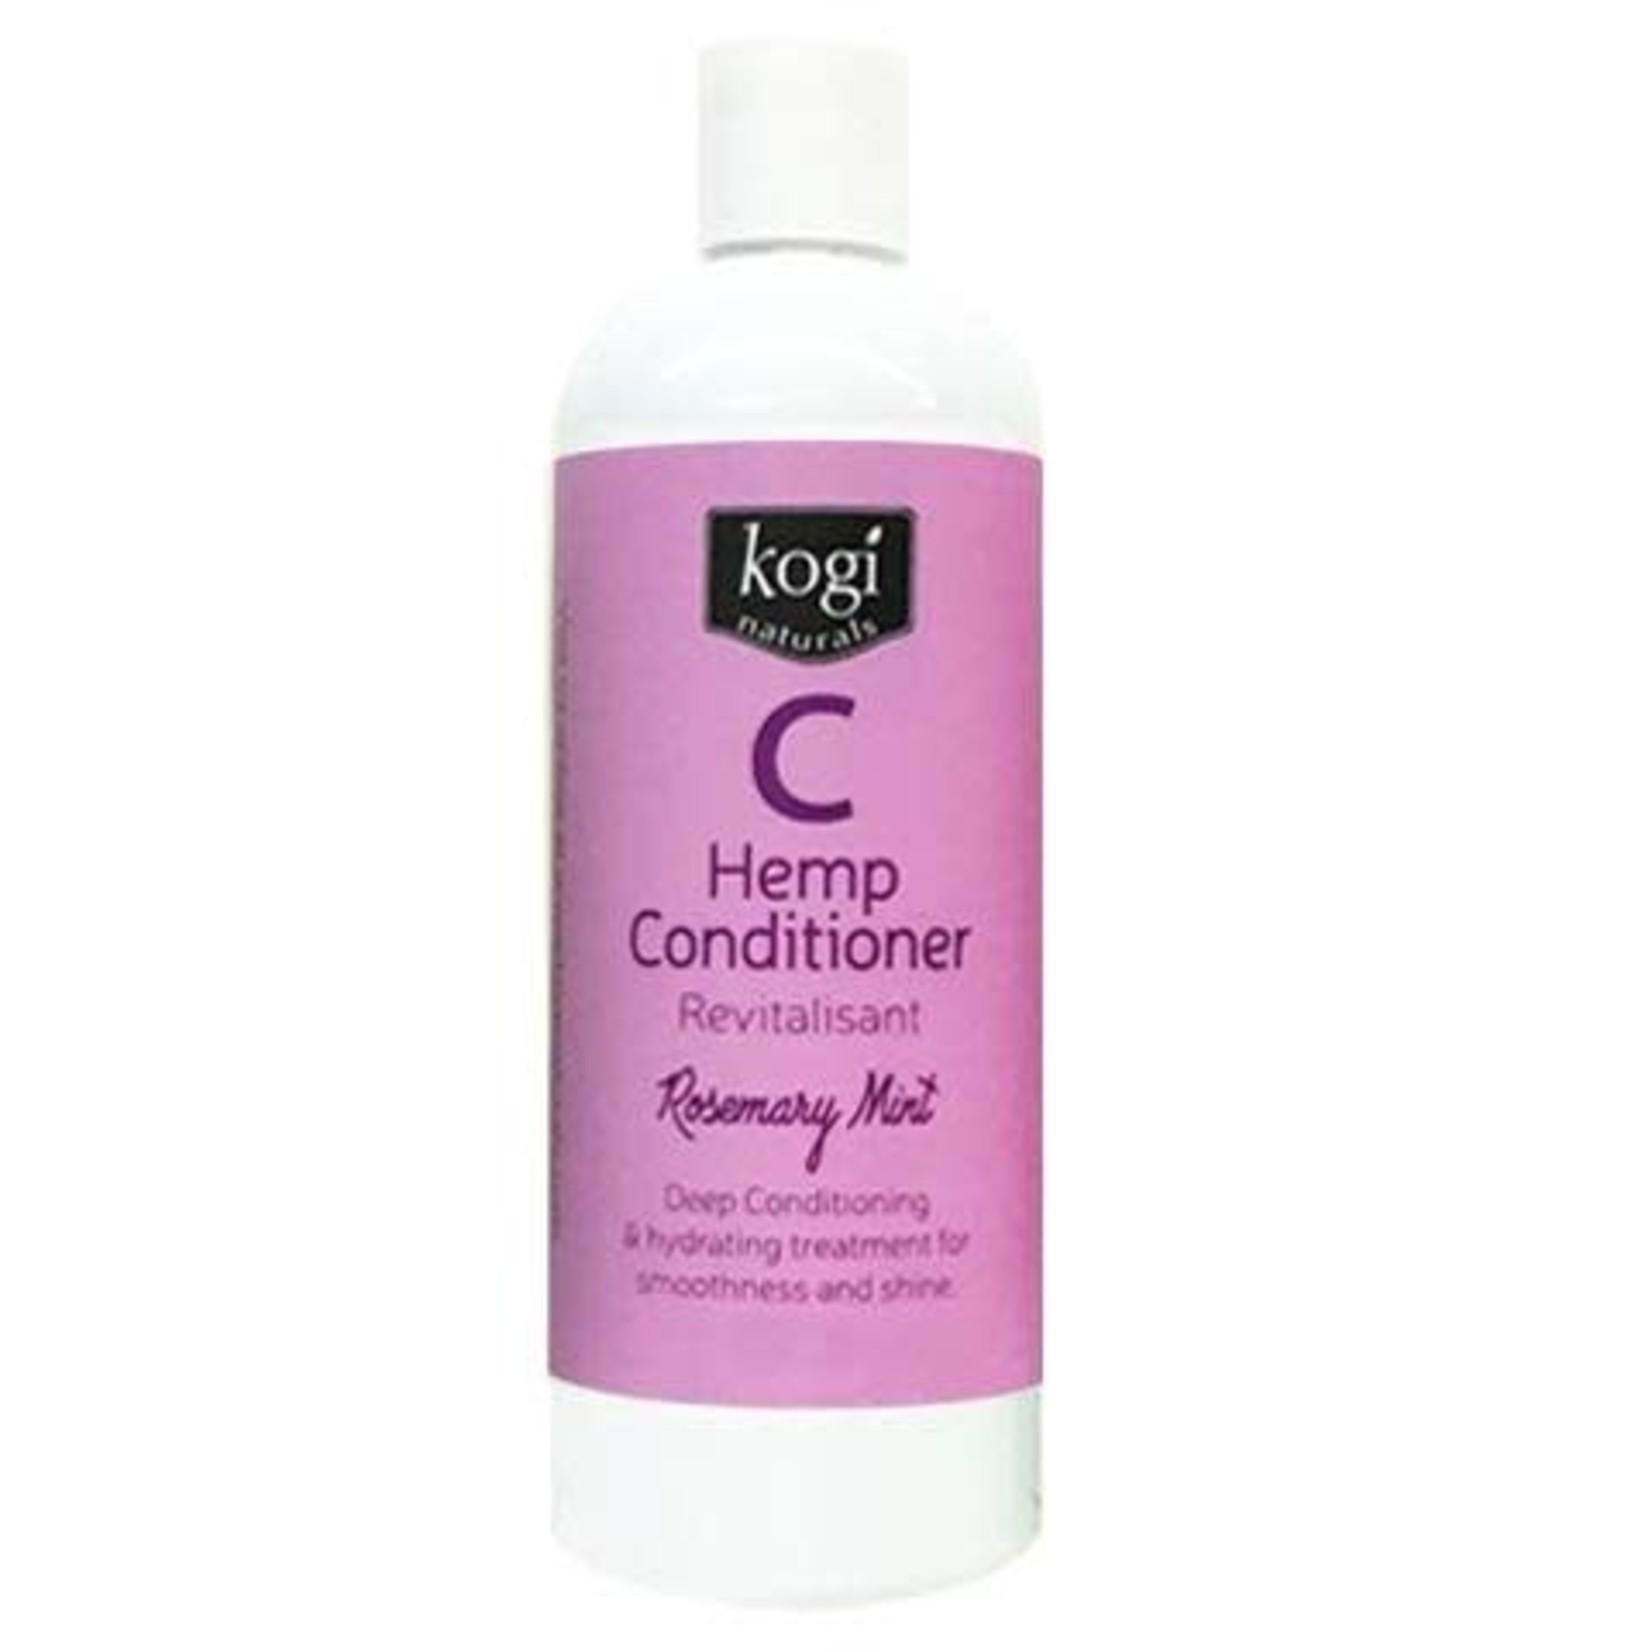 Kogi Naturals Kogi Hair Care